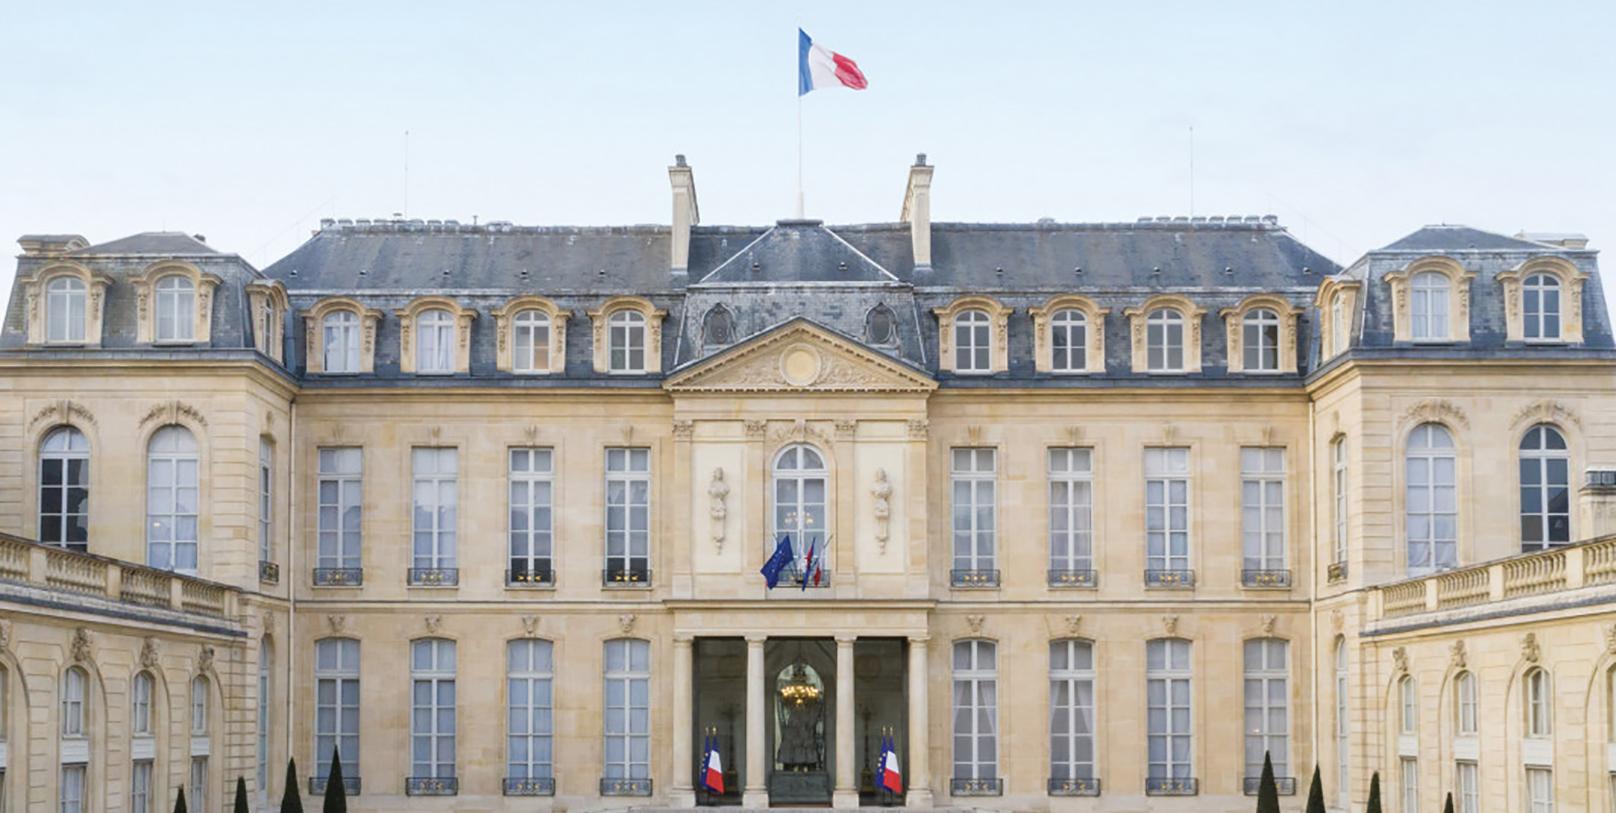 Photo du Palais de l'Elysee, siège de la présidence de la républqiue gfrançaise pour symboliser les réactions politiques à l'affaire Ghosn/ Copyright : elysée